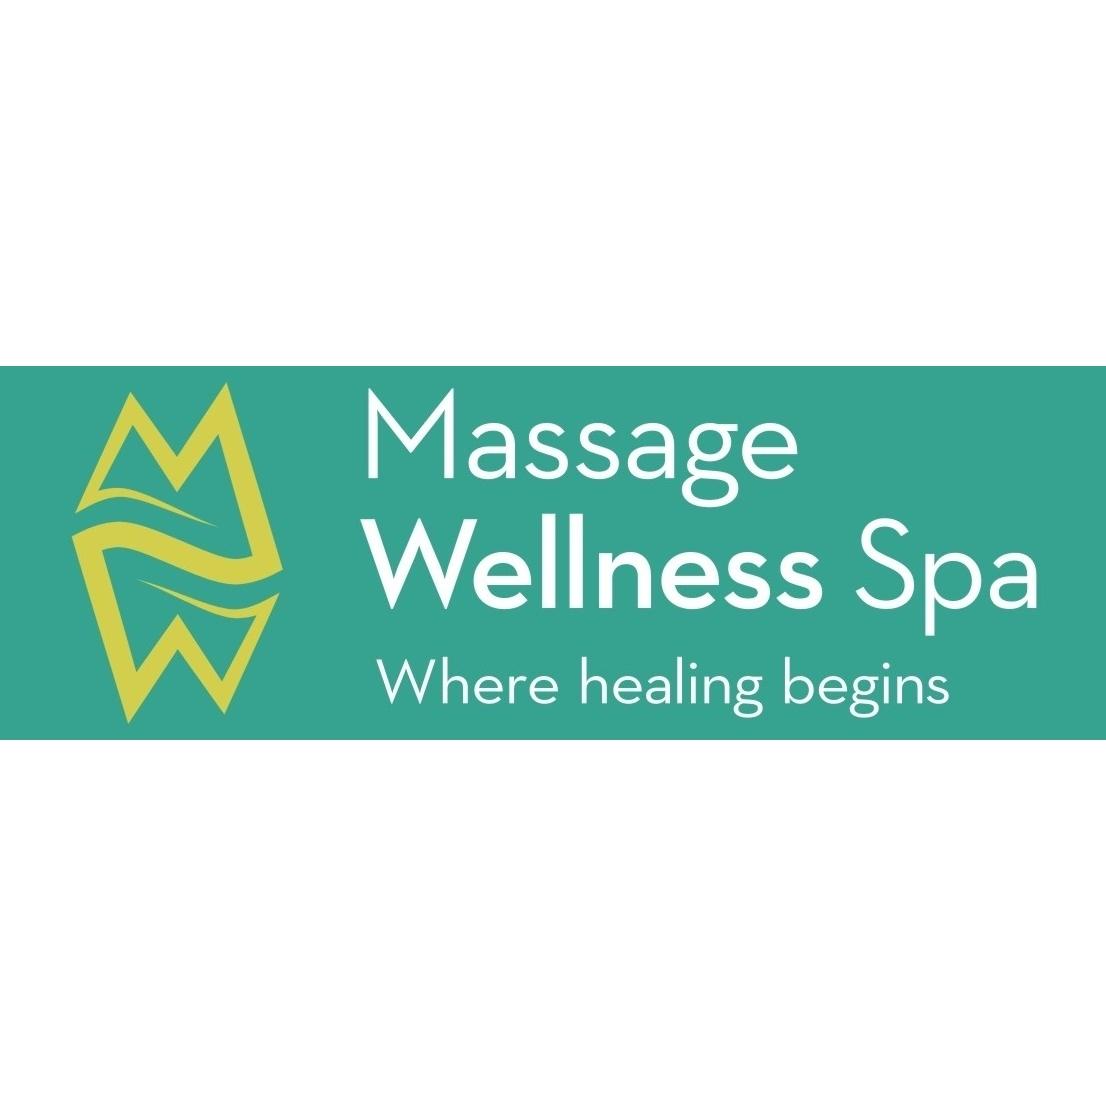 Massage Wellness Spa